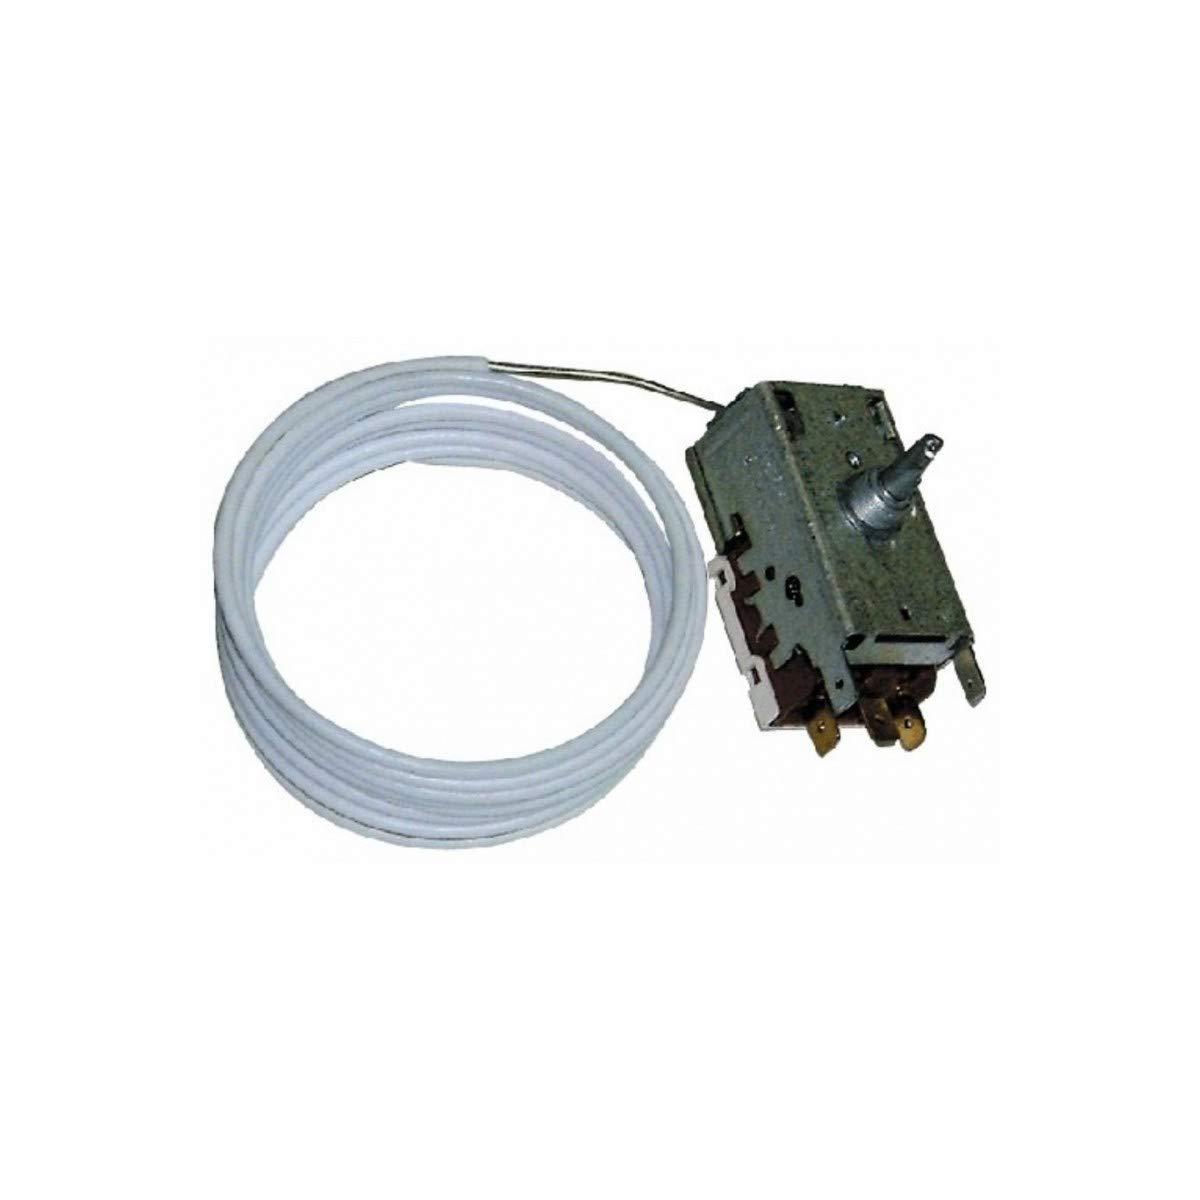 Recamania Termostato frigorifico Electrolux ER8100B ER4002B ...